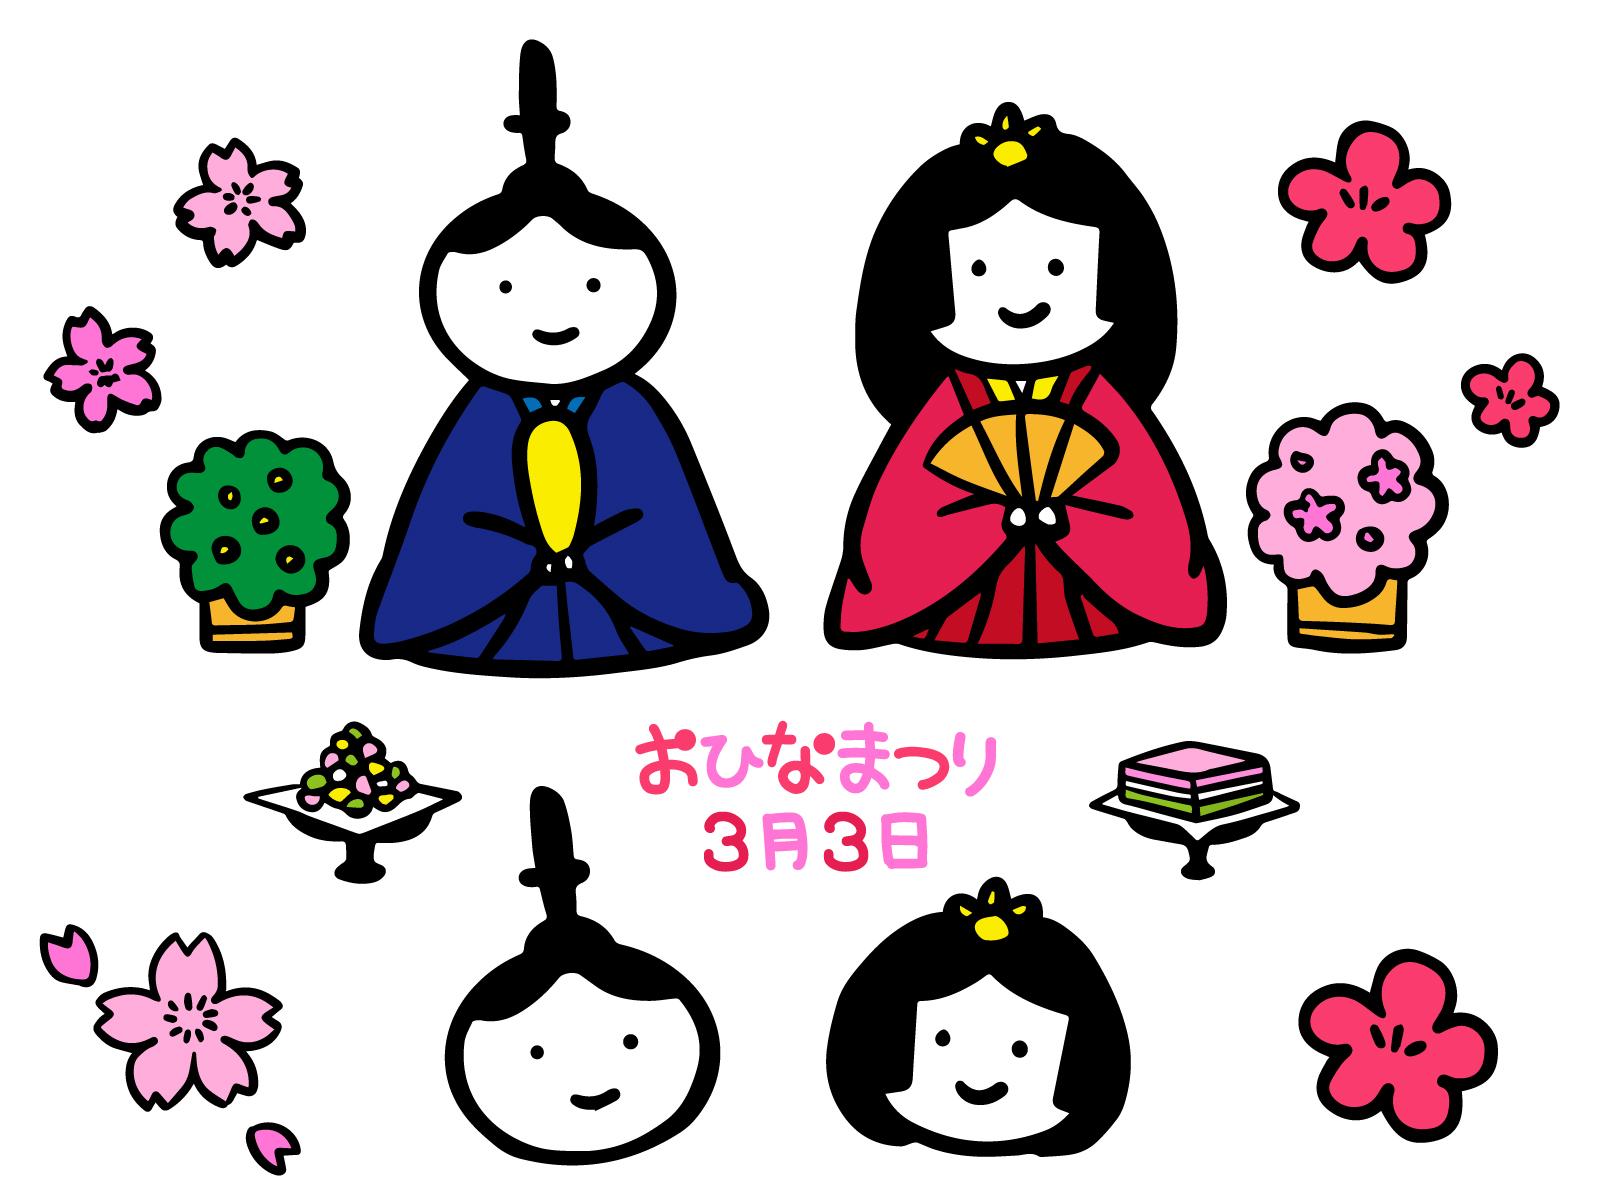 【3月の工作 15選】高齢者向け!!簡単にできるおすすめの作品集を紹介!